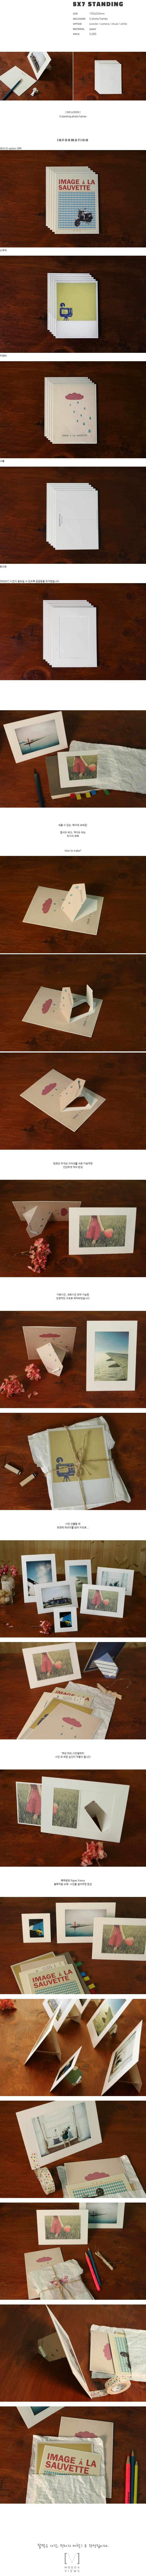 STANDING Photo Frame _ 5x7 - 무즈앤뷰즈, 5,000원, 포켓앨범, 심플